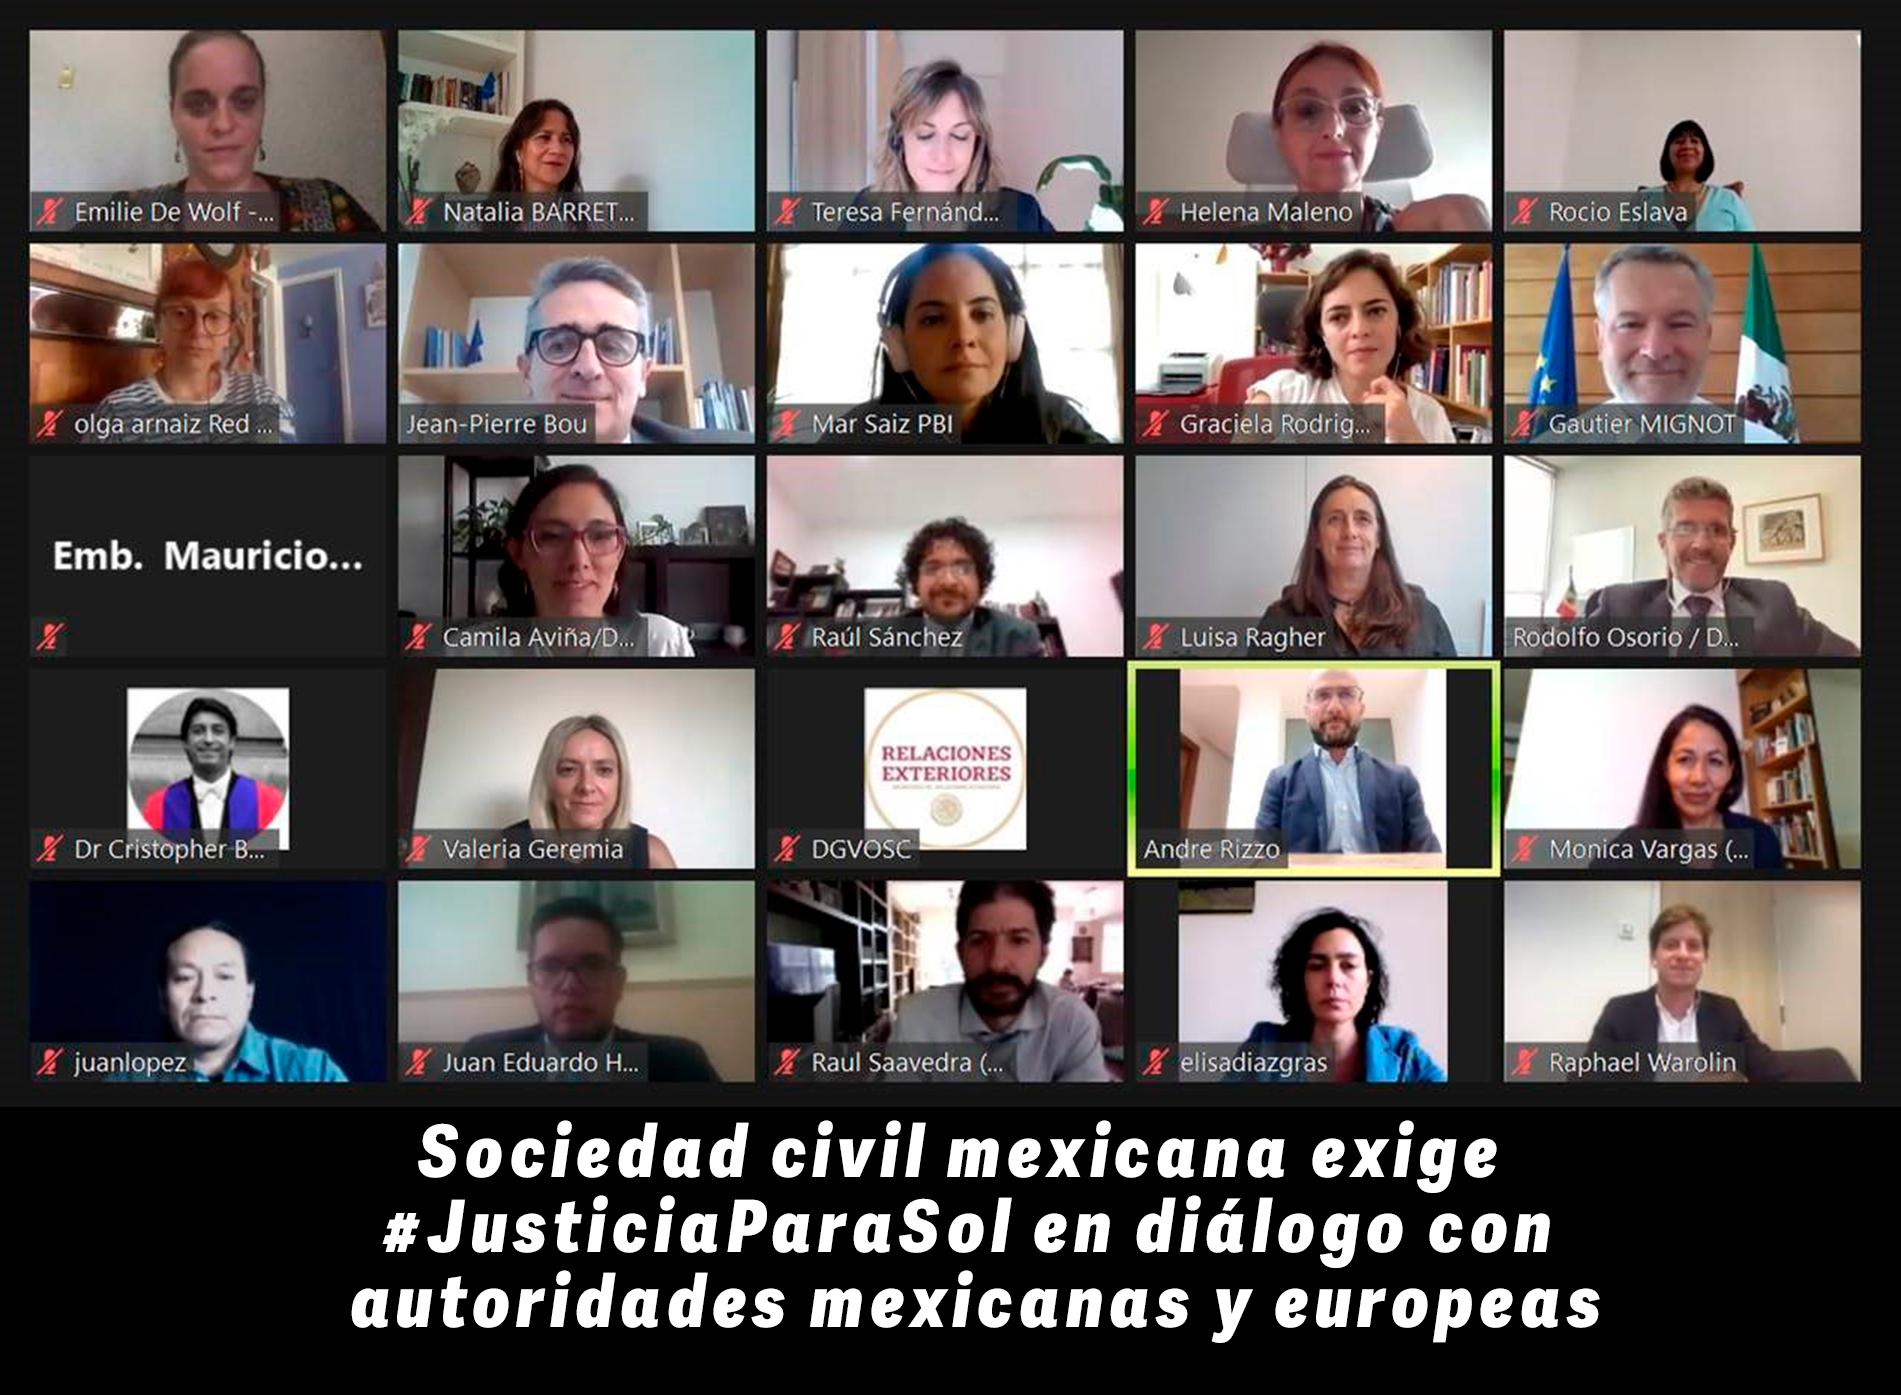 Sociedad civil mexicana exige #JusticiaParaSol en diálogo con autoridades mexicanas y europeas